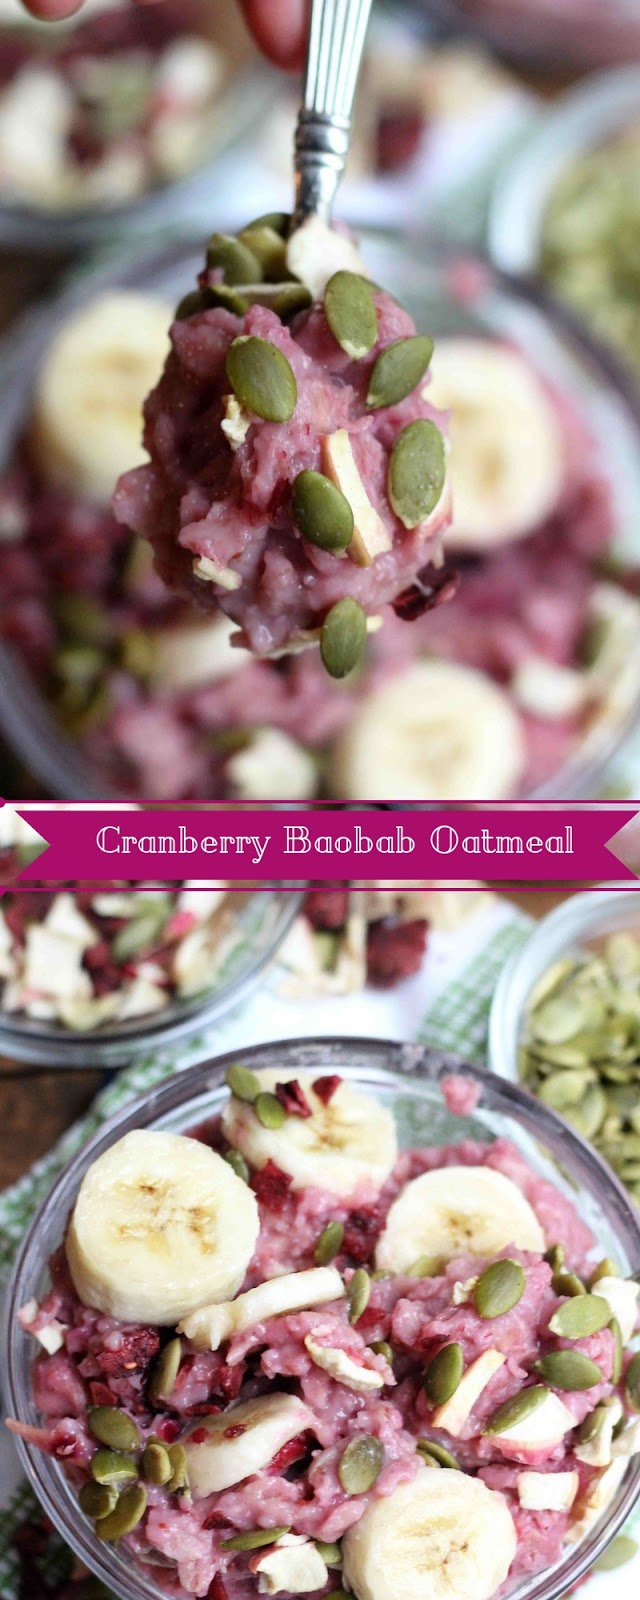 Cranberry Baobab Oatmeal